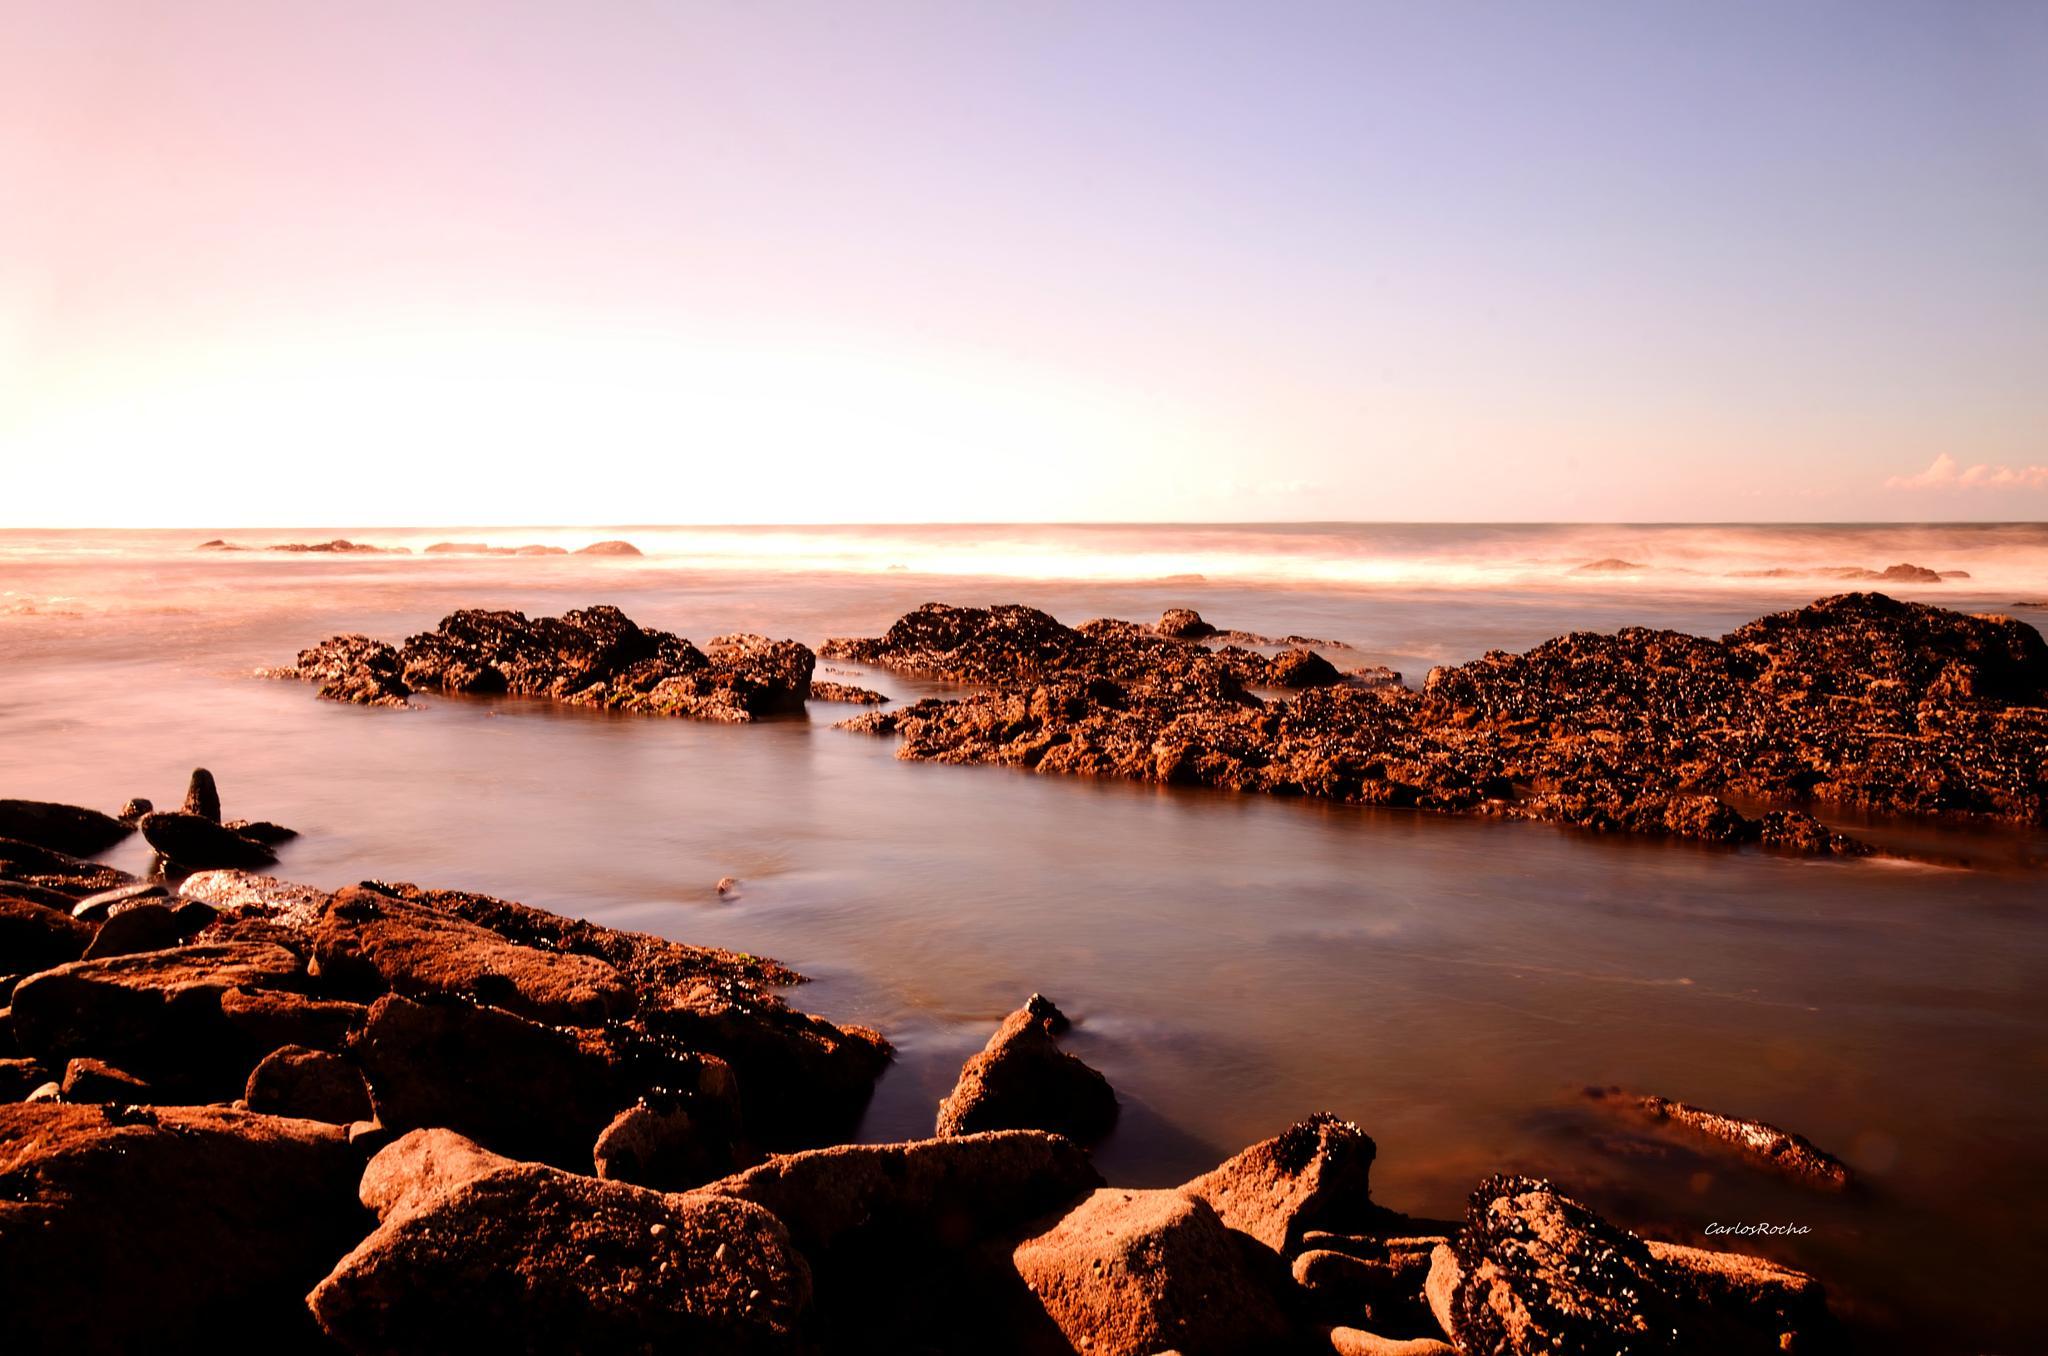 Praia Norte by carlosfiuzar